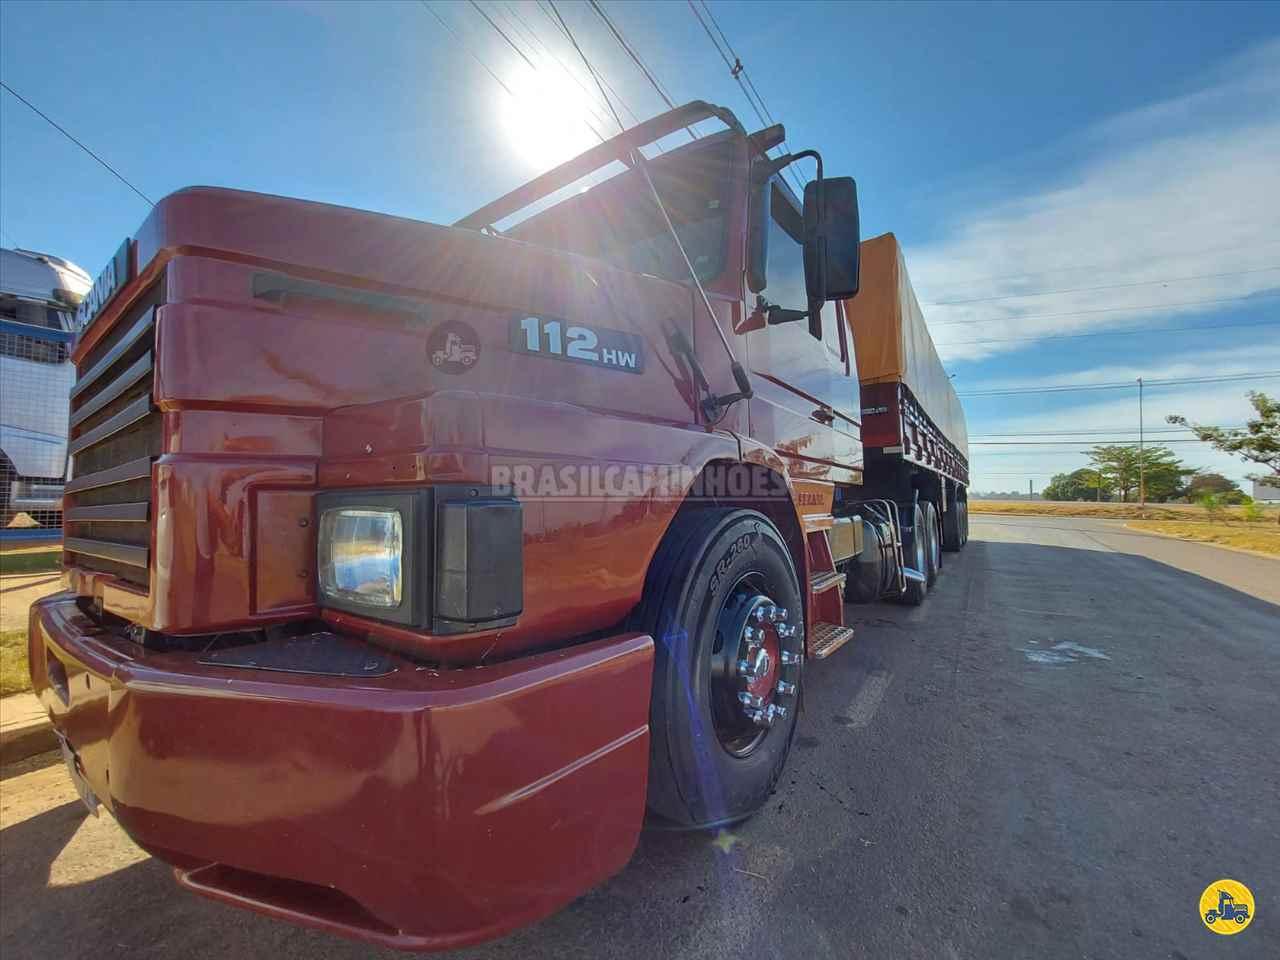 CAMINHAO SCANIA SCANIA 112 360 Cavalo Mecânico Truck 6x2 Brasil Caminhões Sinop SINOP MATO GROSSO MT